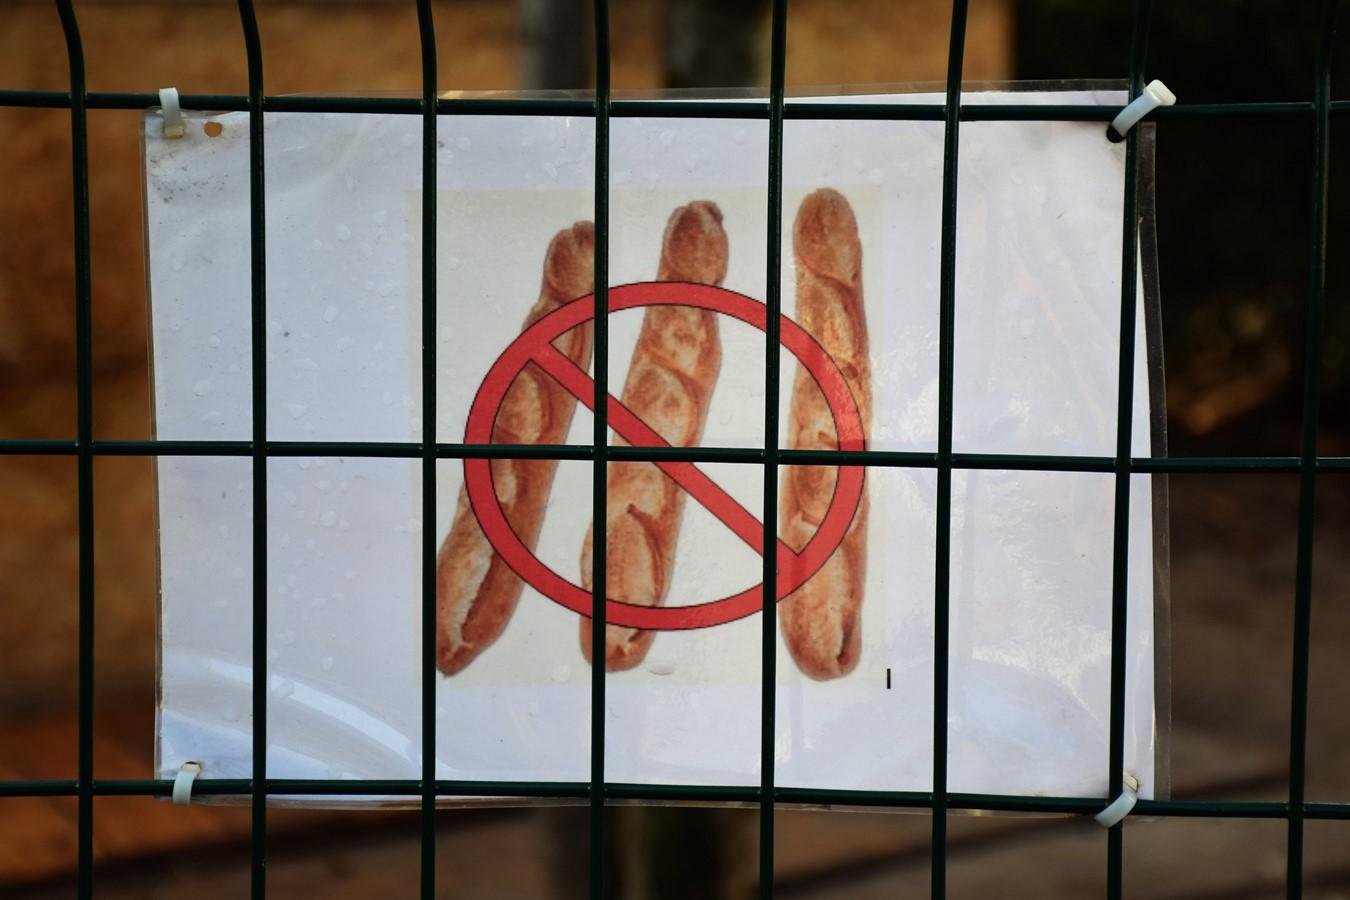 Pourquoi les baguettes sont-elles interdites ici?